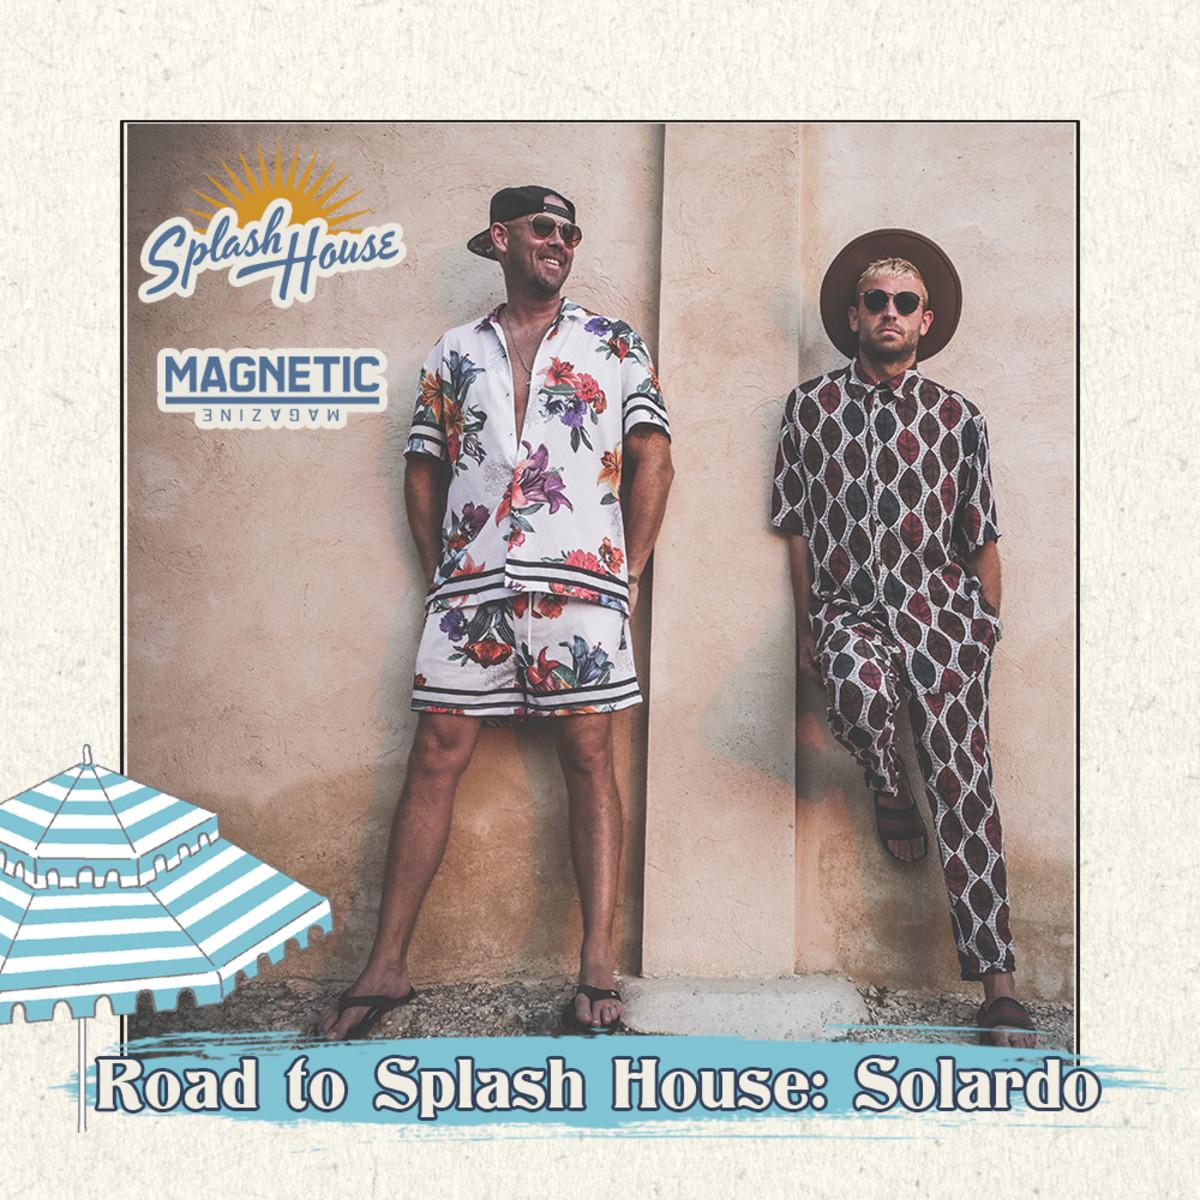 RoadtoSplashHouse-Solardo